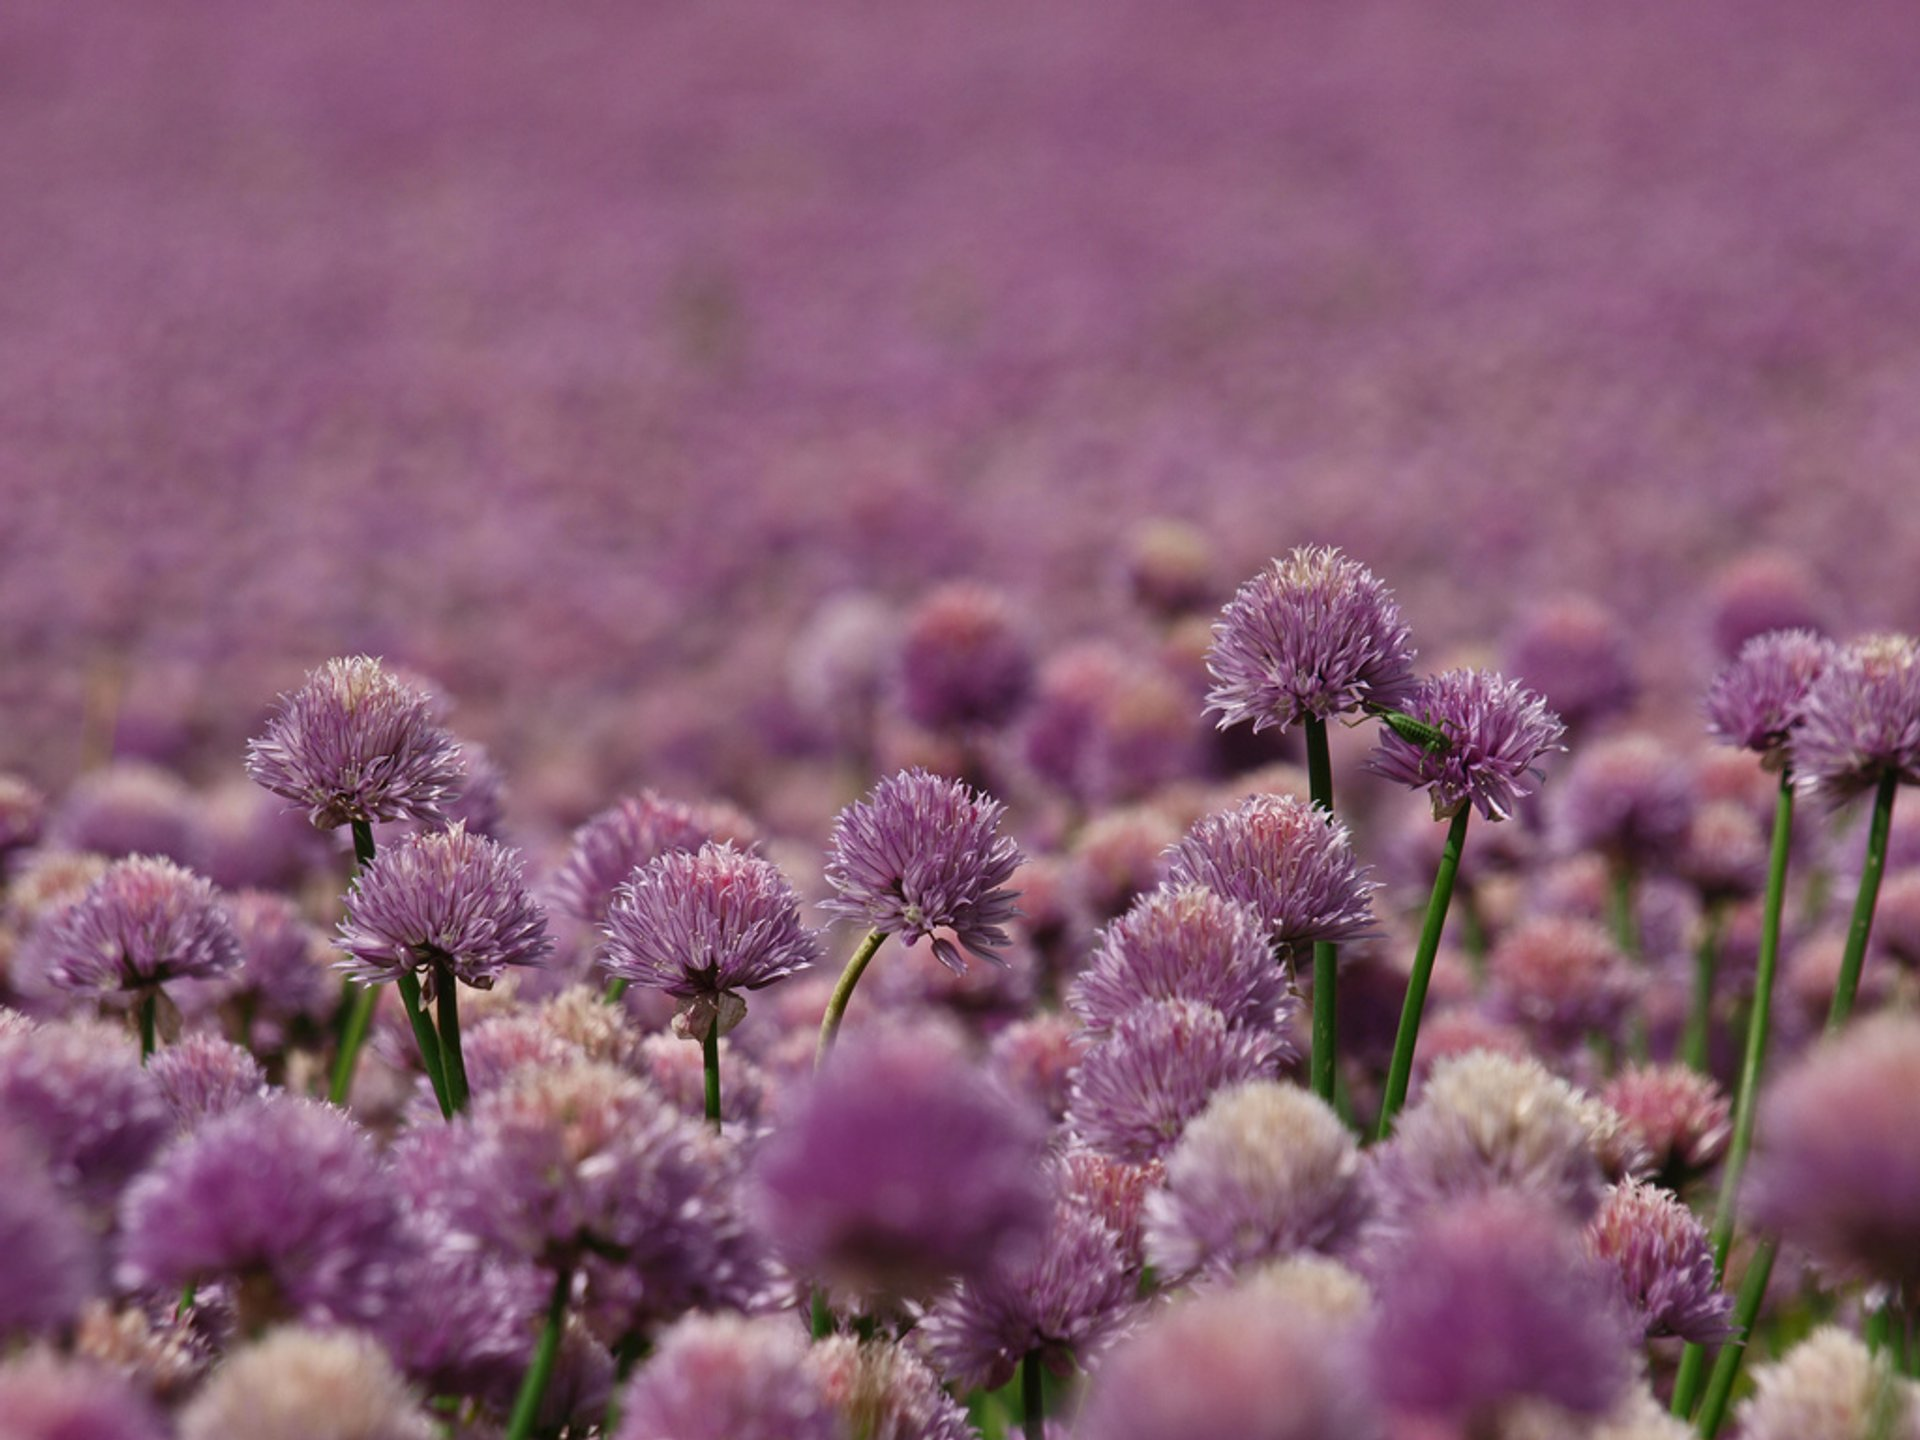 Blooming Fields in Denmark 2020 - Best Time